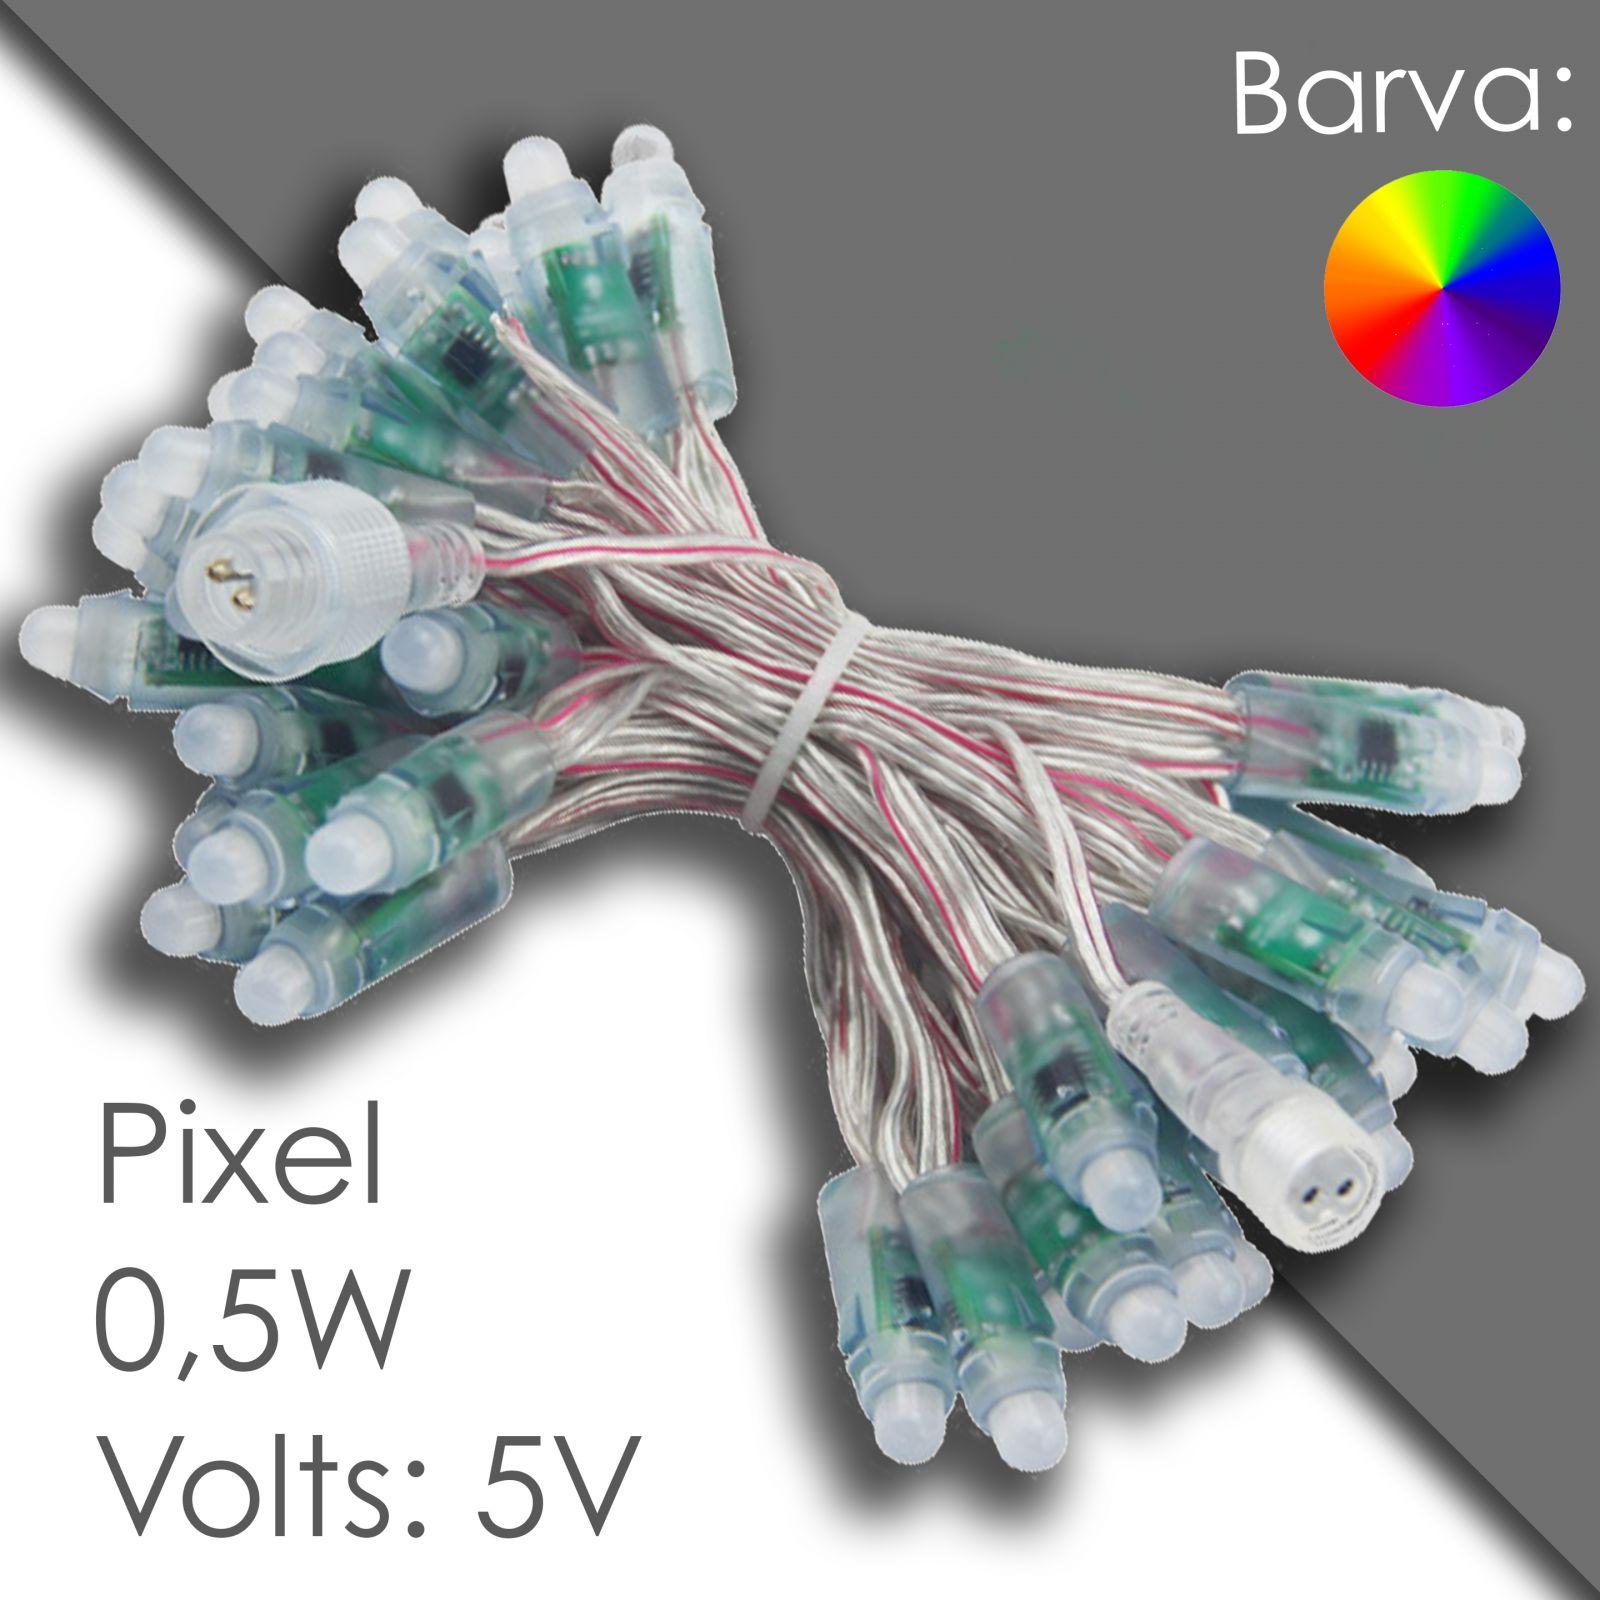 Led pixel rgb 12mm программируемый, водонепроницаемый